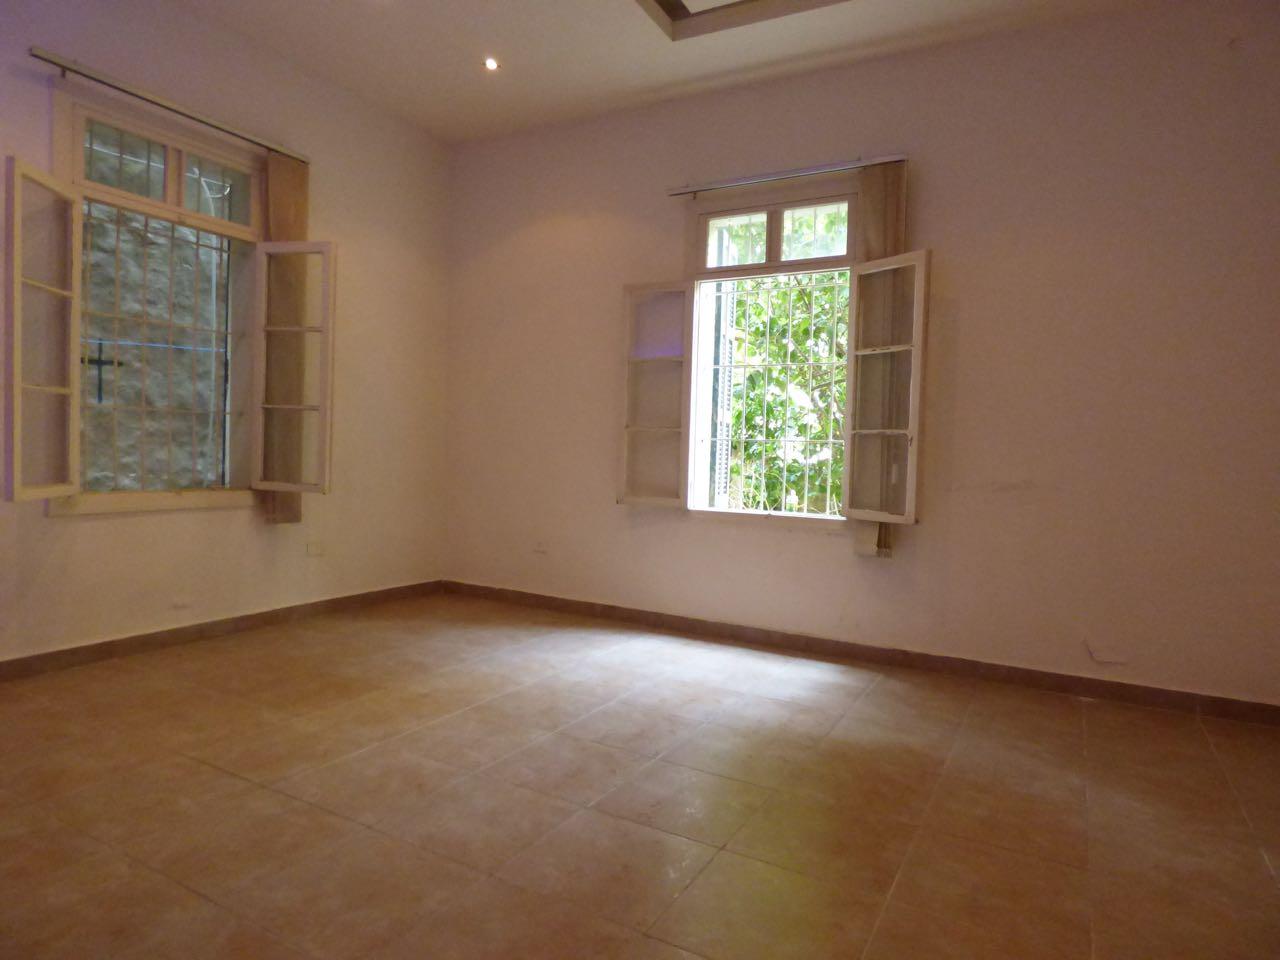 Apartment for rent - Jeitaoui - Achrafieh - Beirut - Lebanon